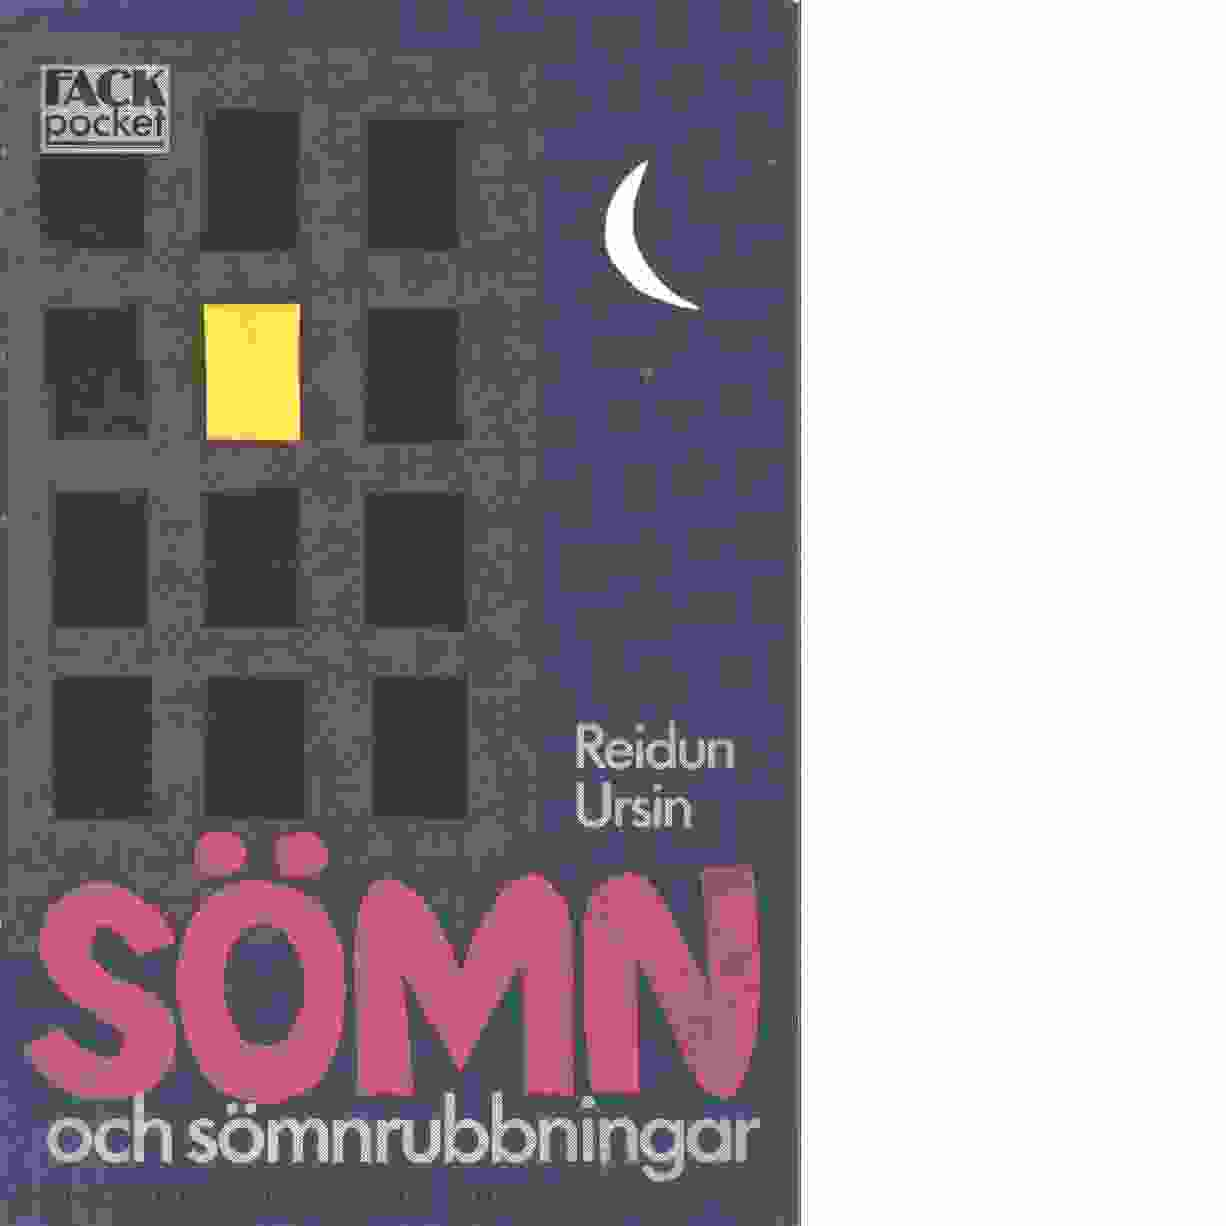 Sömn och sömnrubbningar - Ursin, Reidun